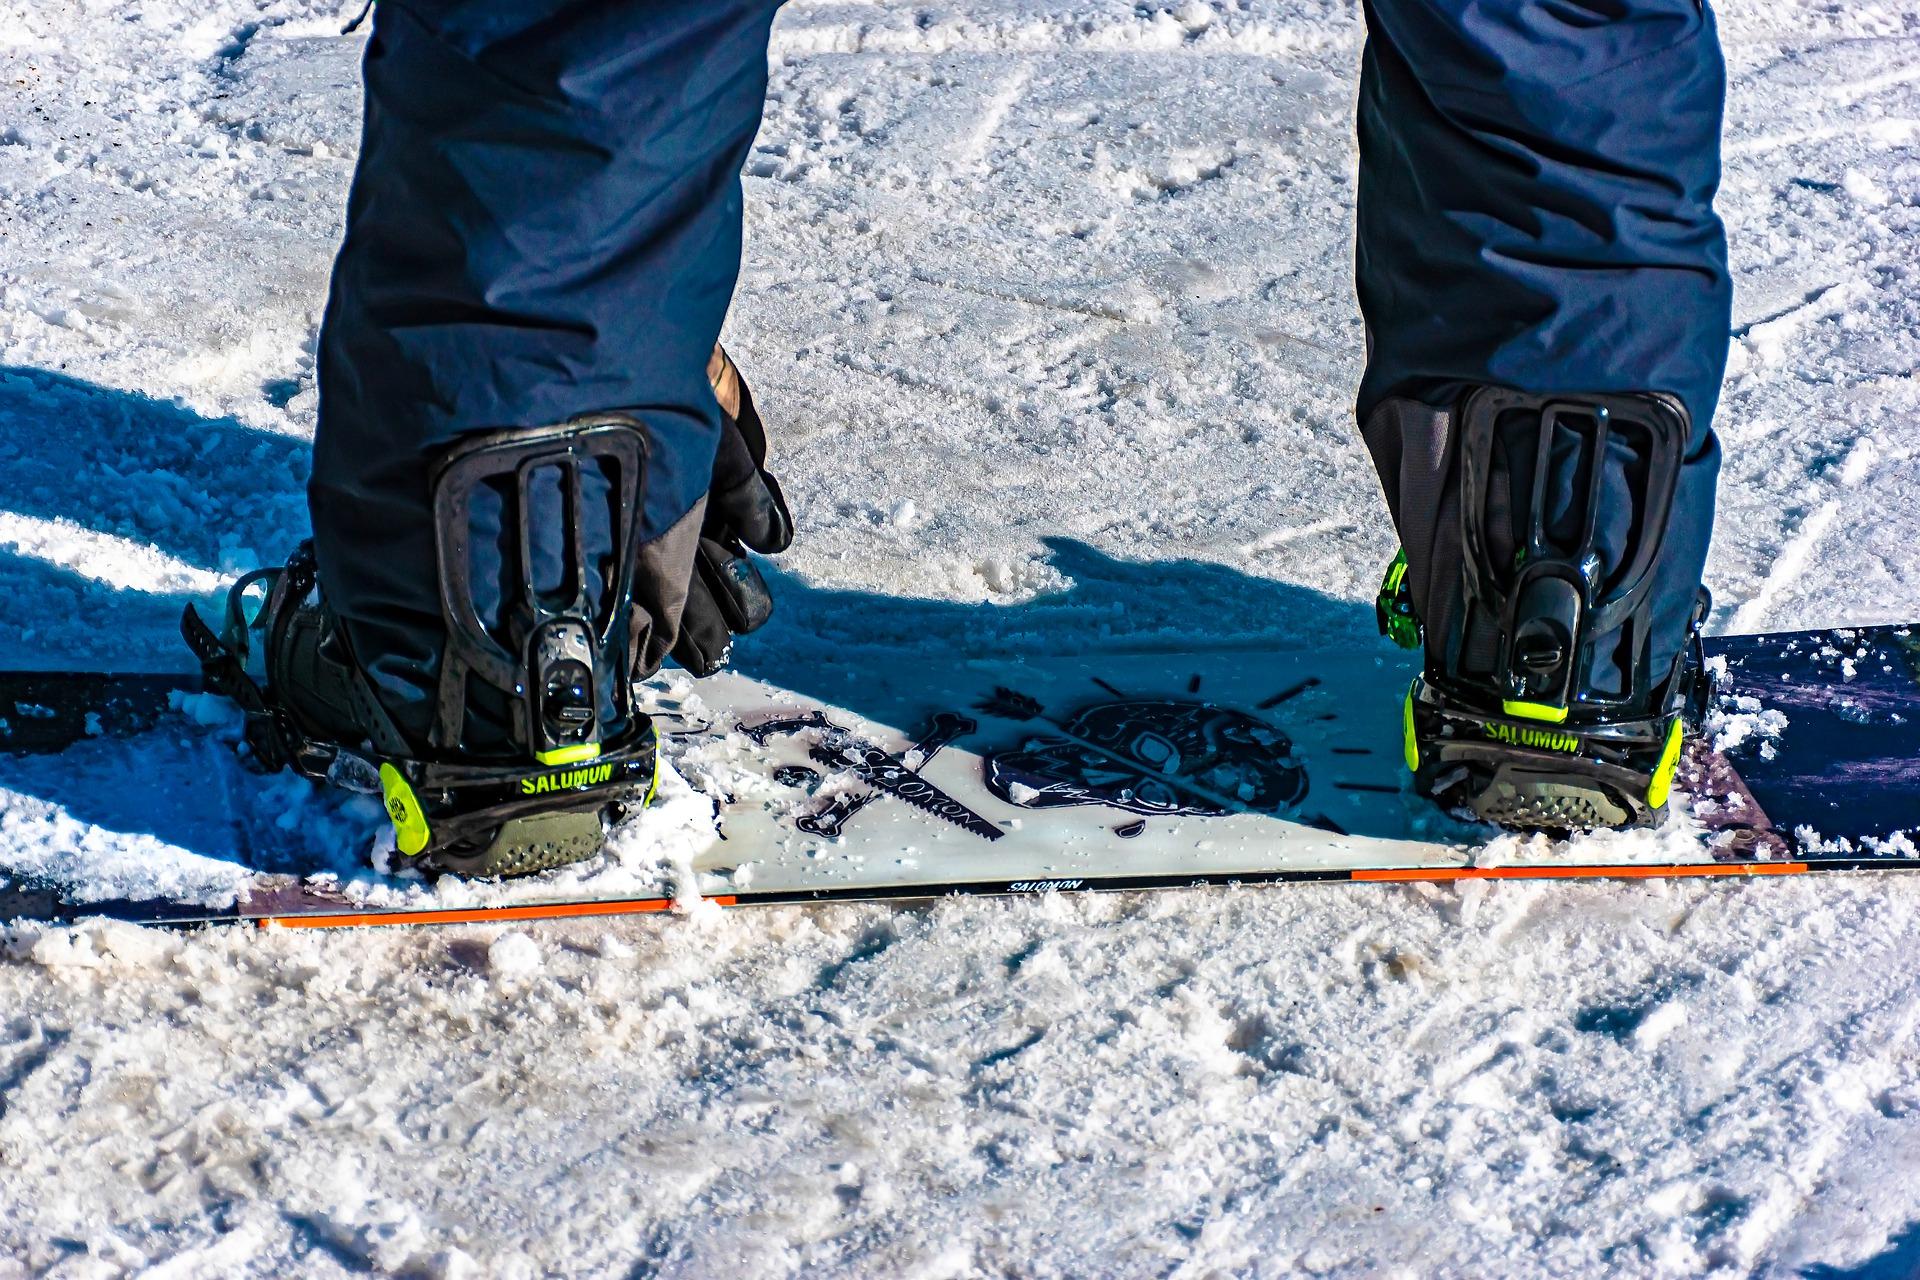 snowboarding-boot-closeup